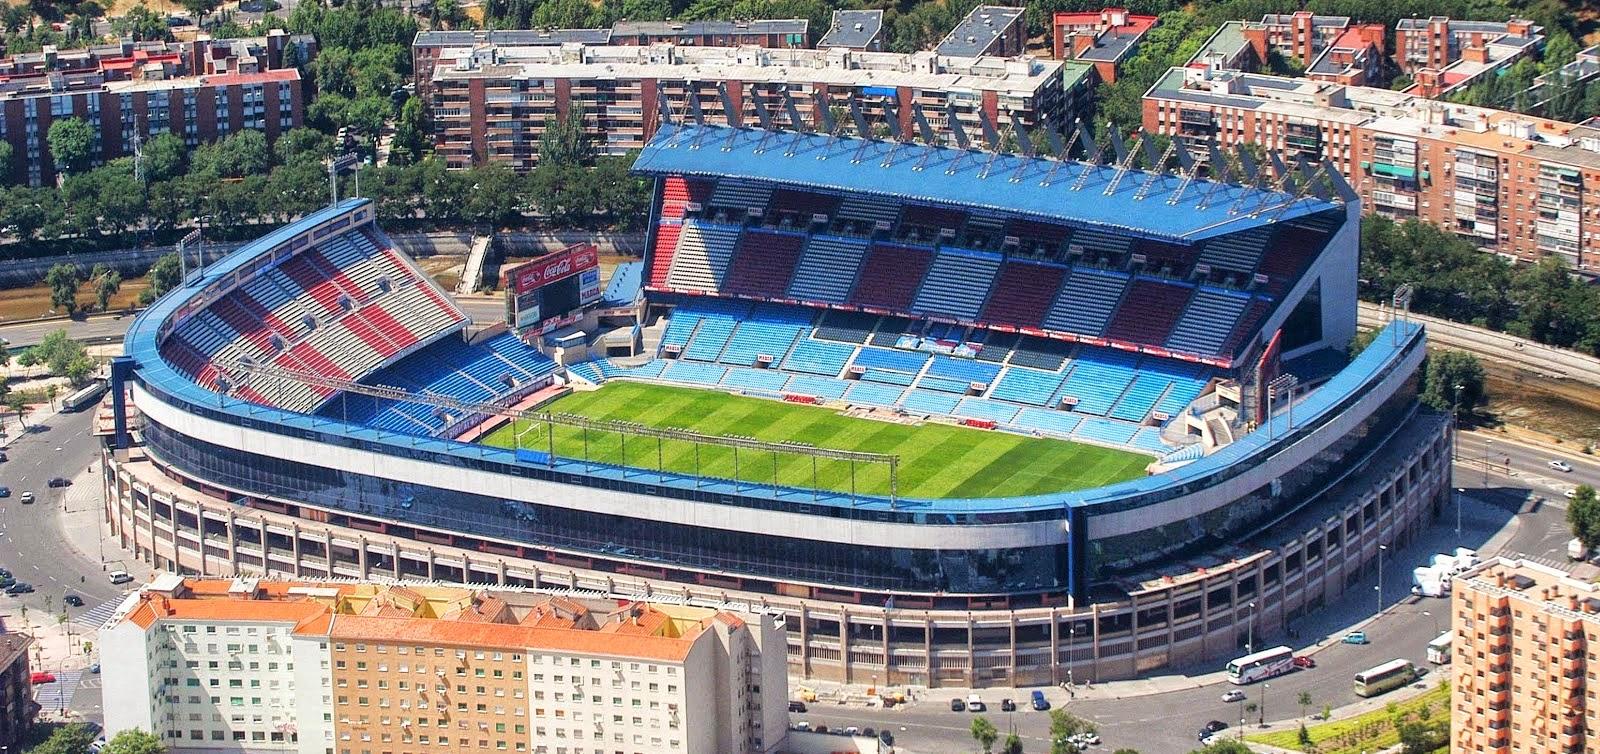 Vicente Calderon - Atlético Madrid Stadium